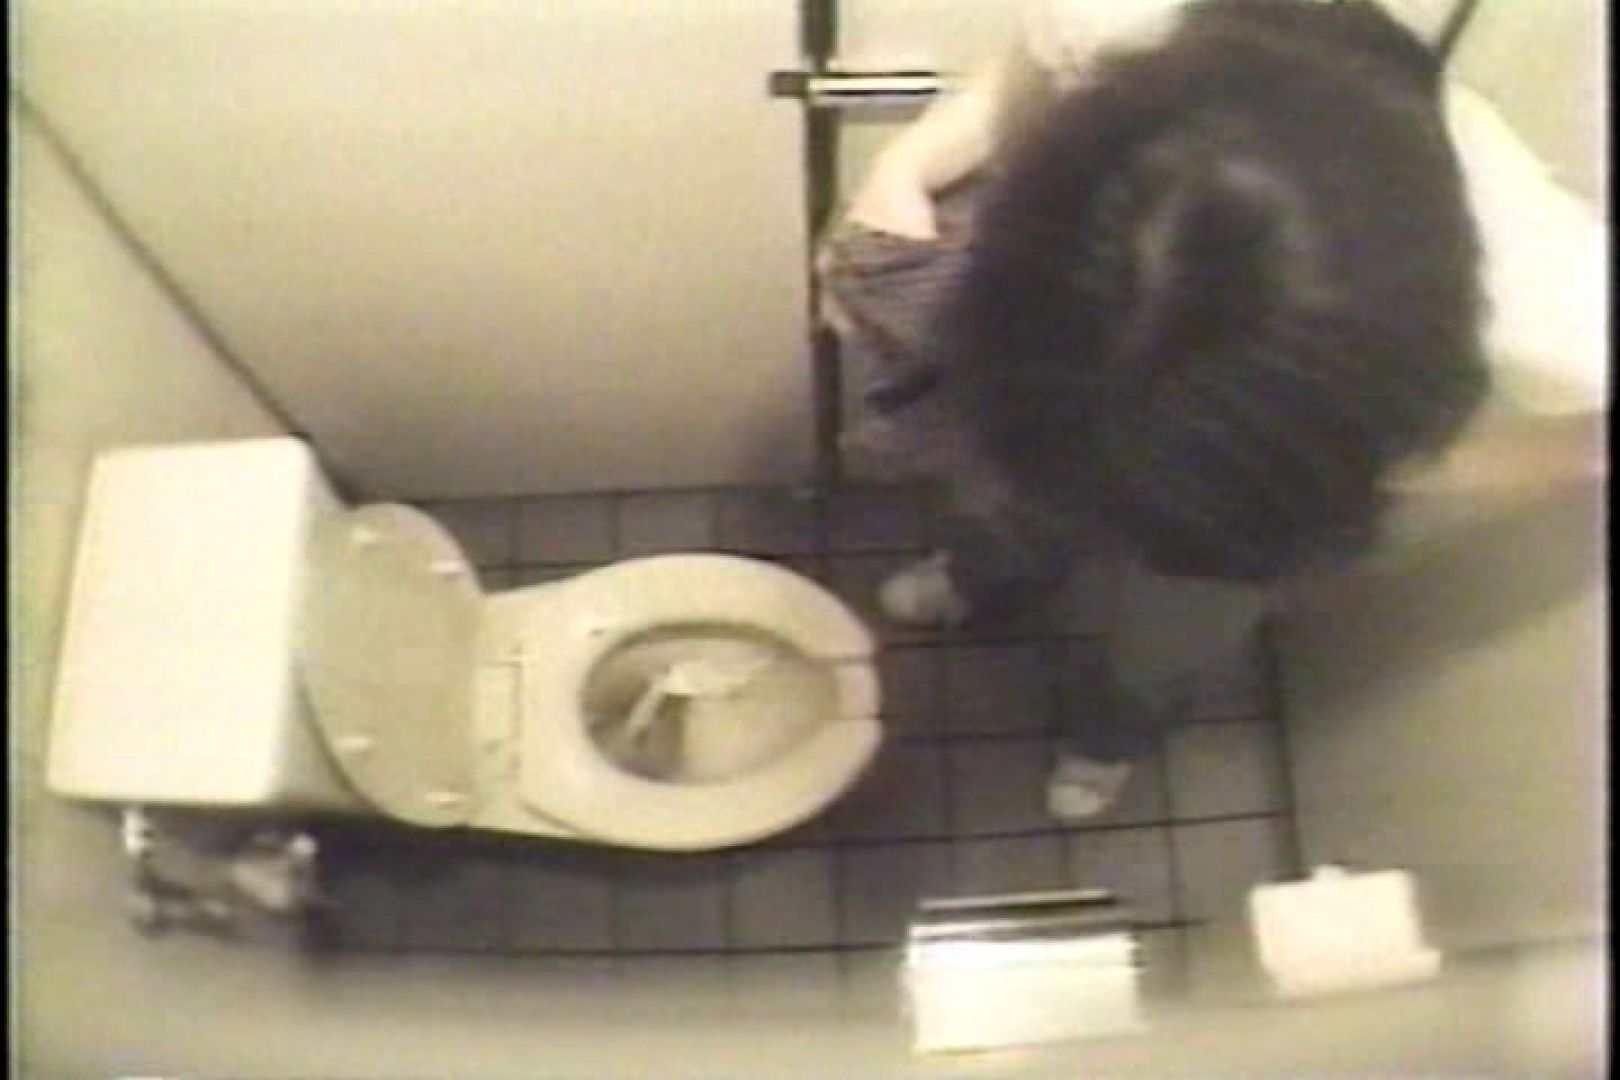 盗撮 女子洗面所3ヶ所入ってしゃがんで音出して プライベート  67pic 4